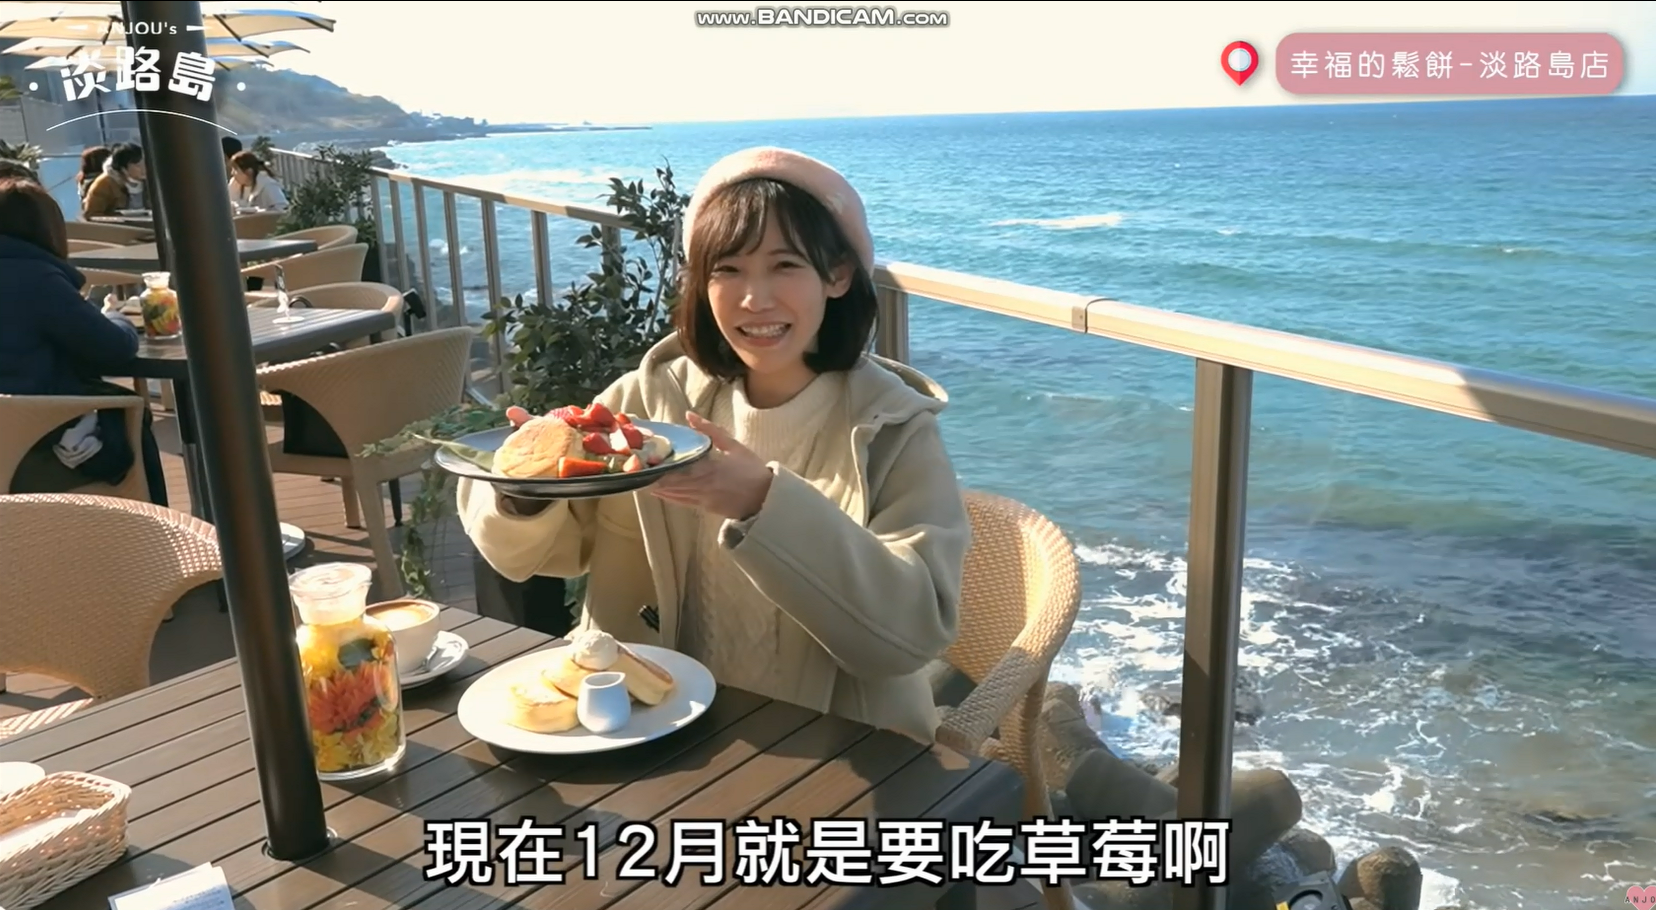 台湾の人気Youtuber安啾咪04